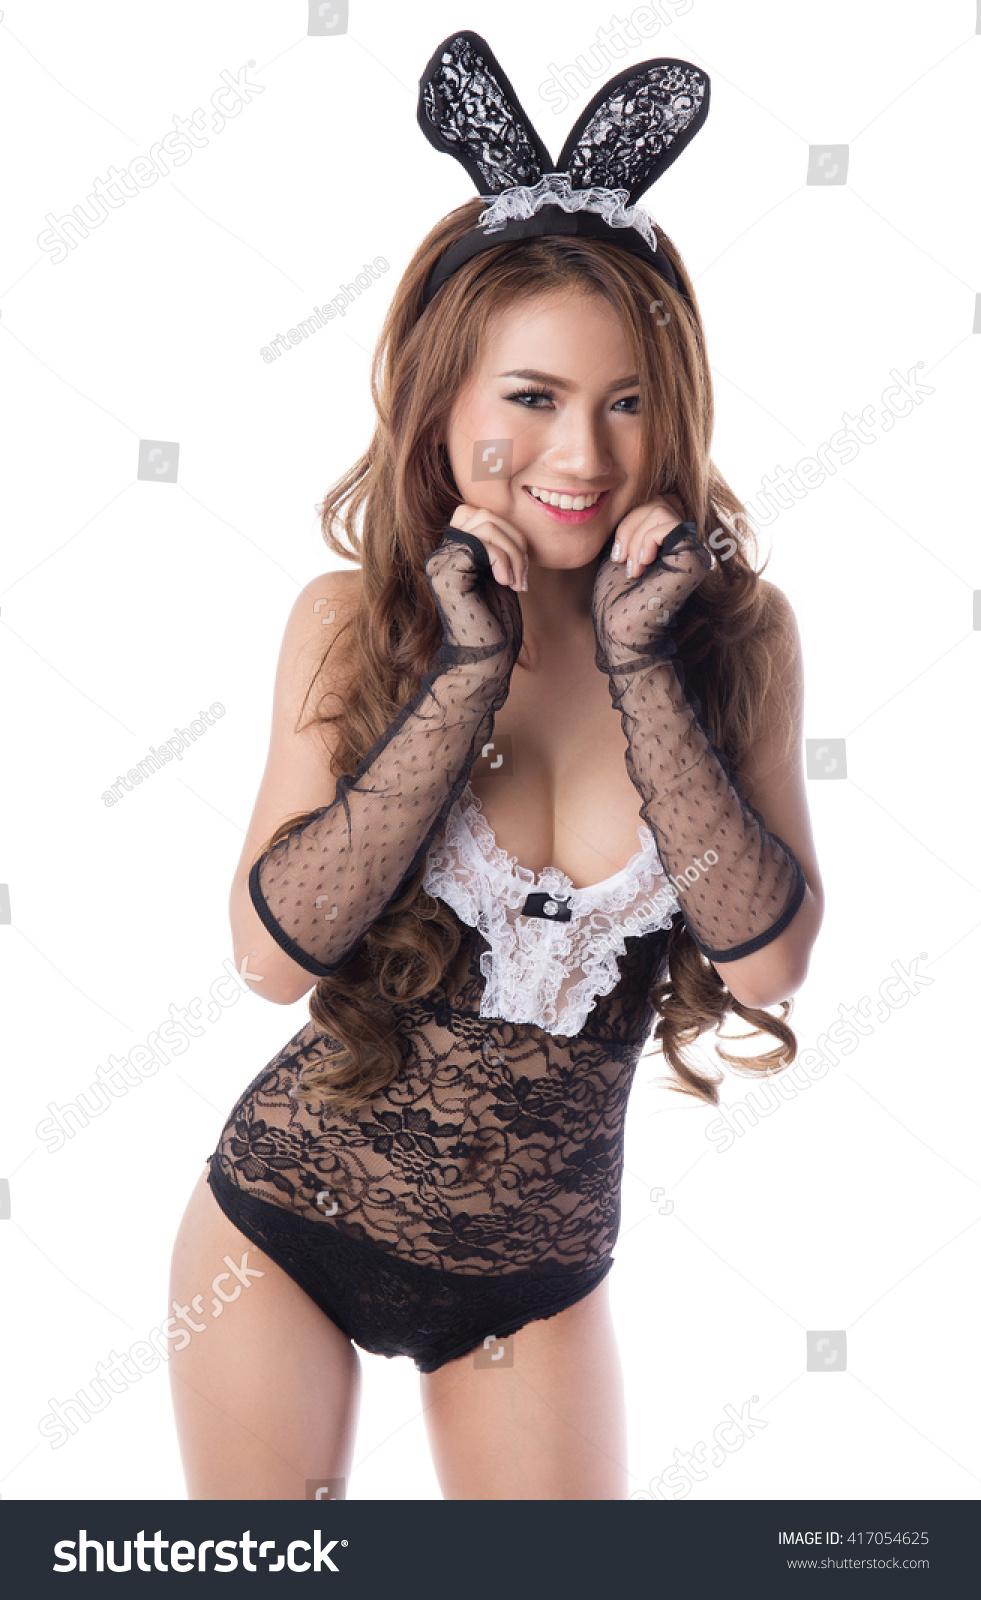 Hot Asian Teen